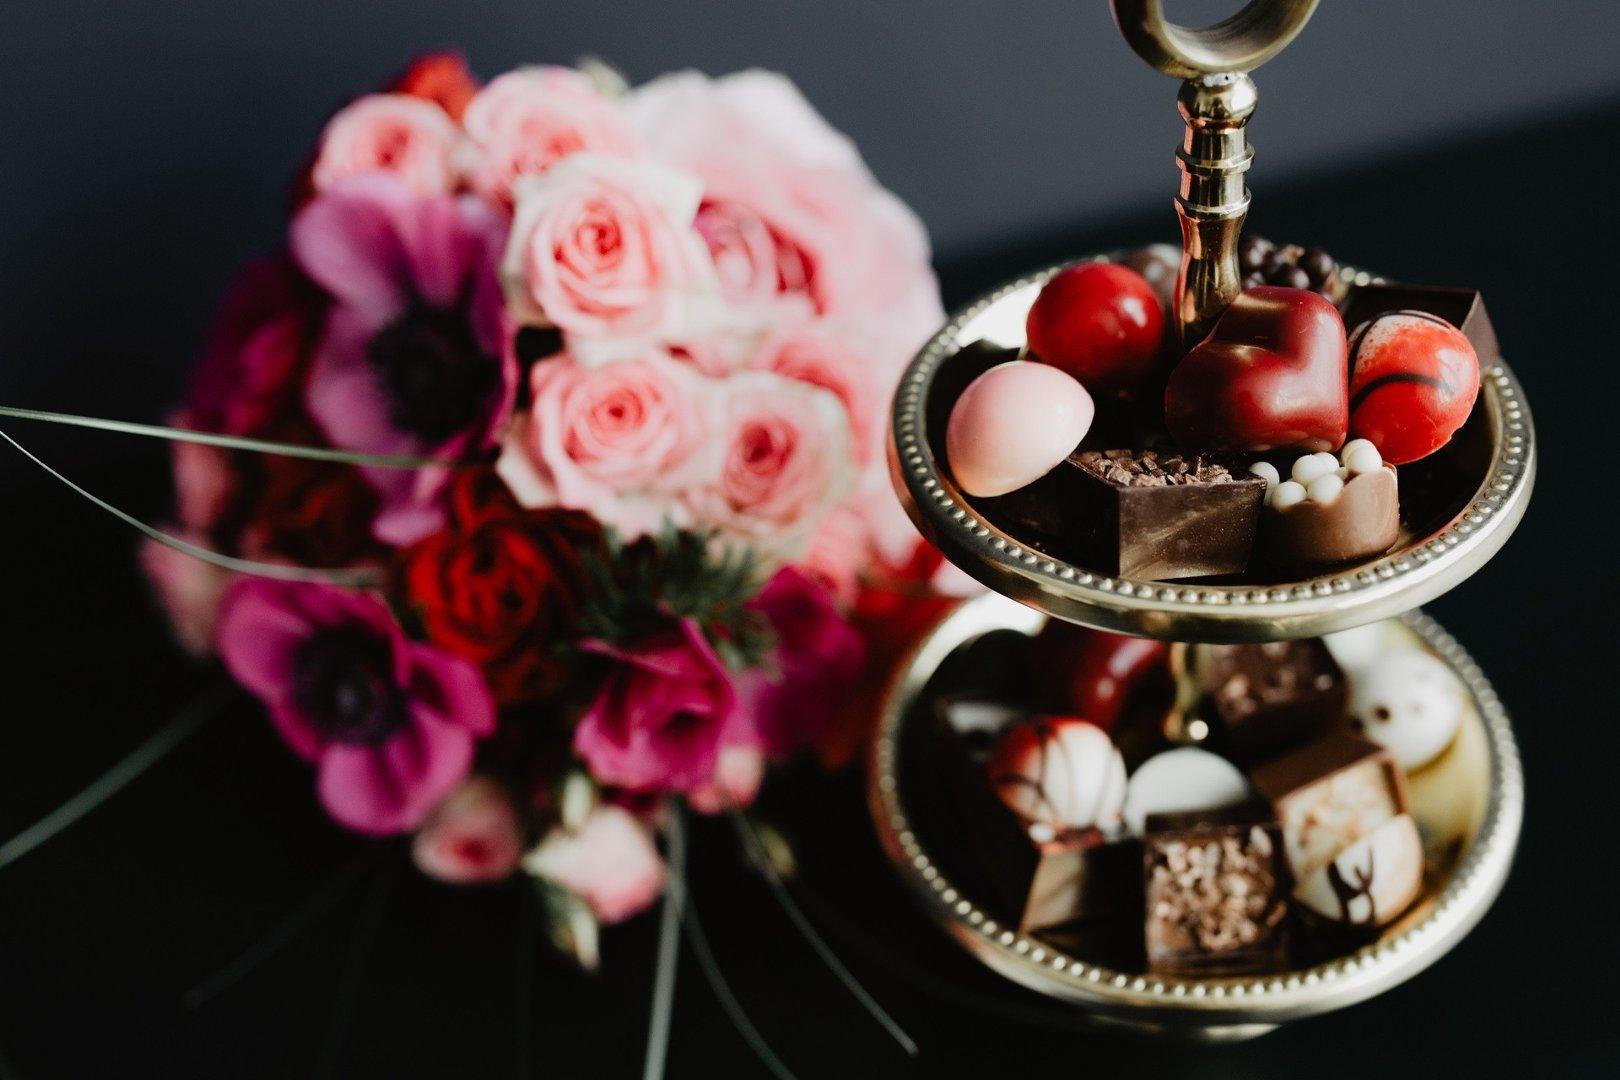 Na Tegoroczne Walentynki Wydamy średnio 90 Zł Planujemy Zakup